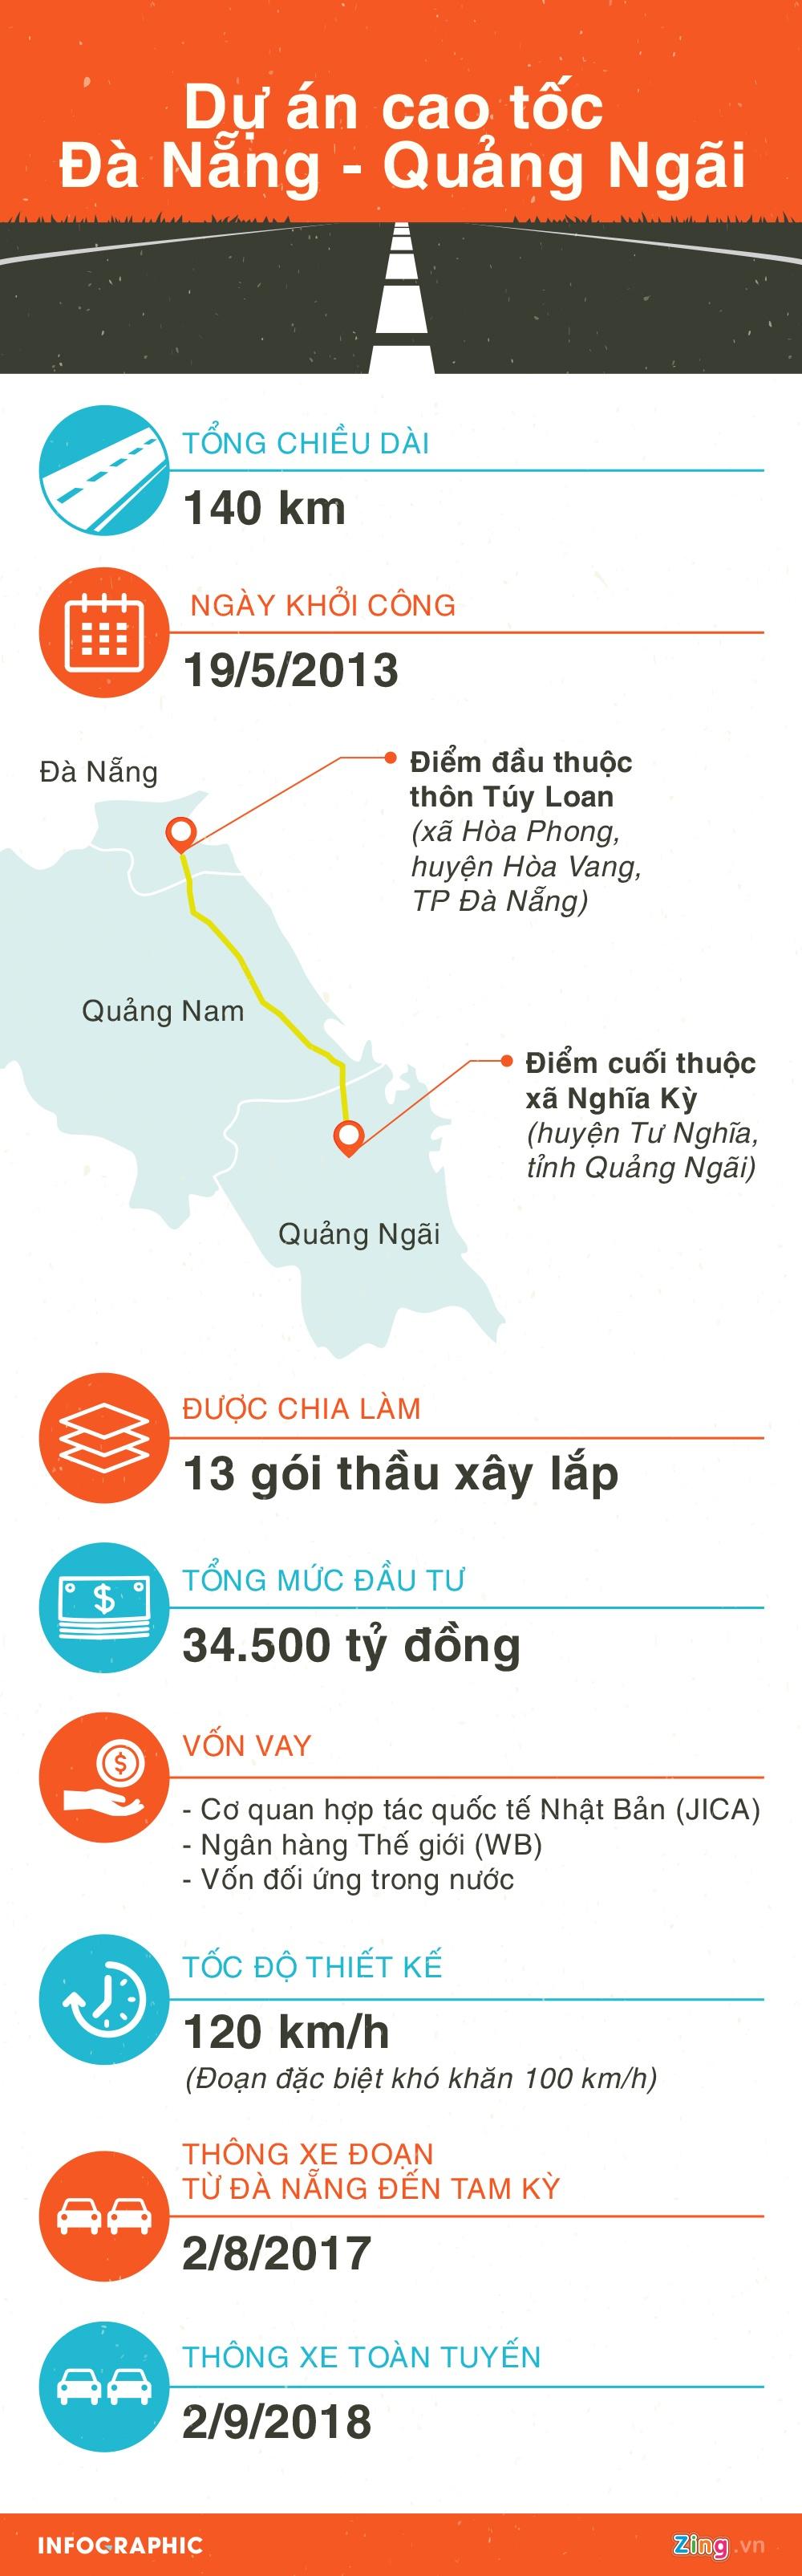 Chat luong cao toc Da Nang - Quang Ngai chi dat 6/10 la co van de hinh anh 5